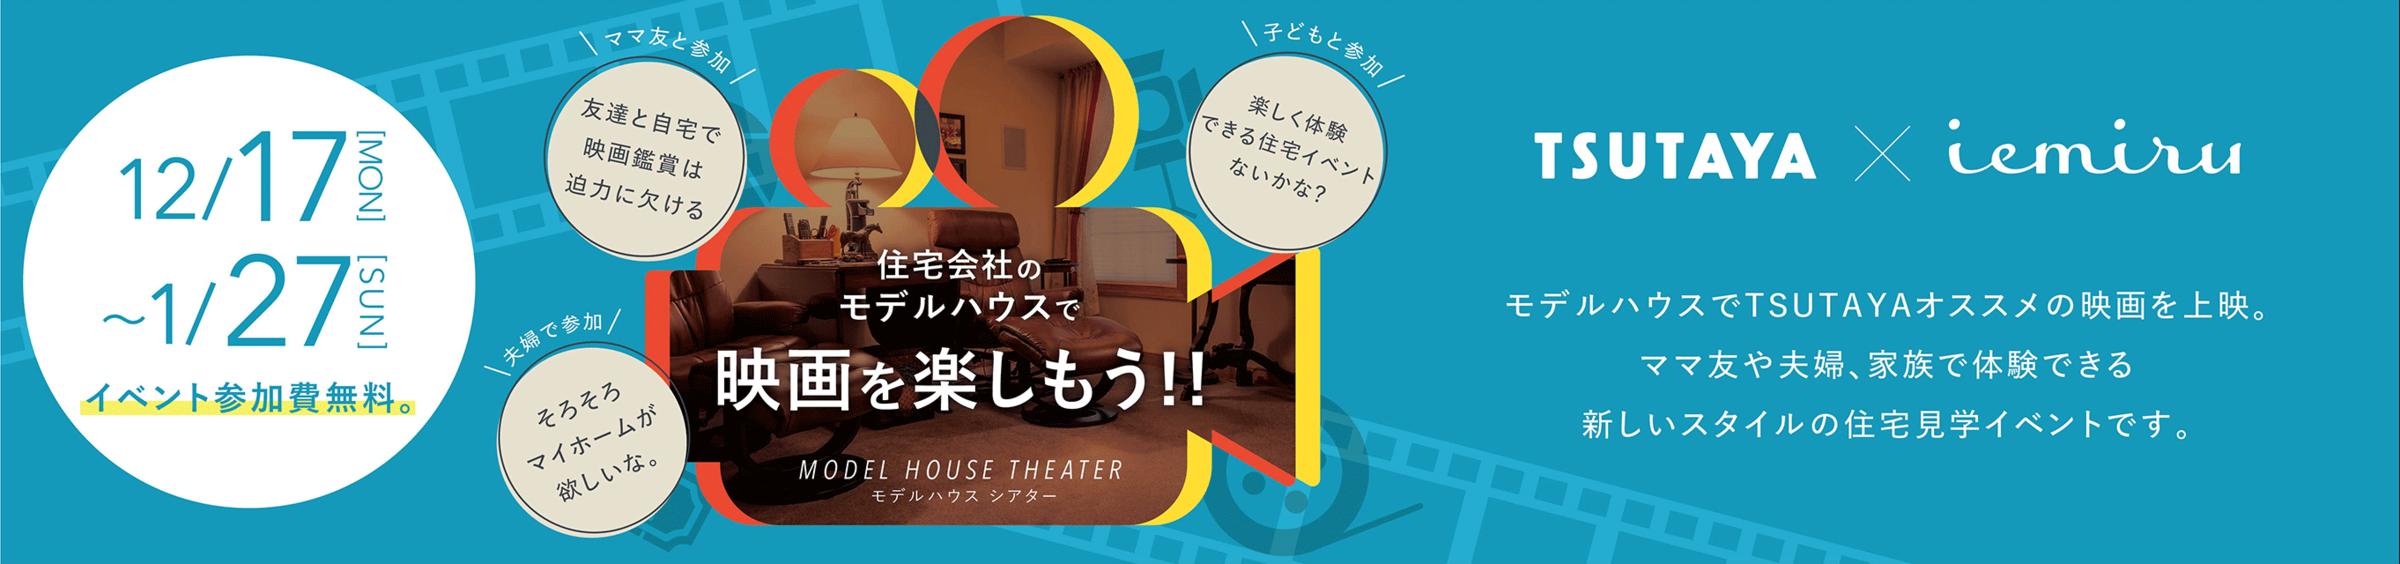 住宅会社のモデルハウスで映画を楽しもう!!